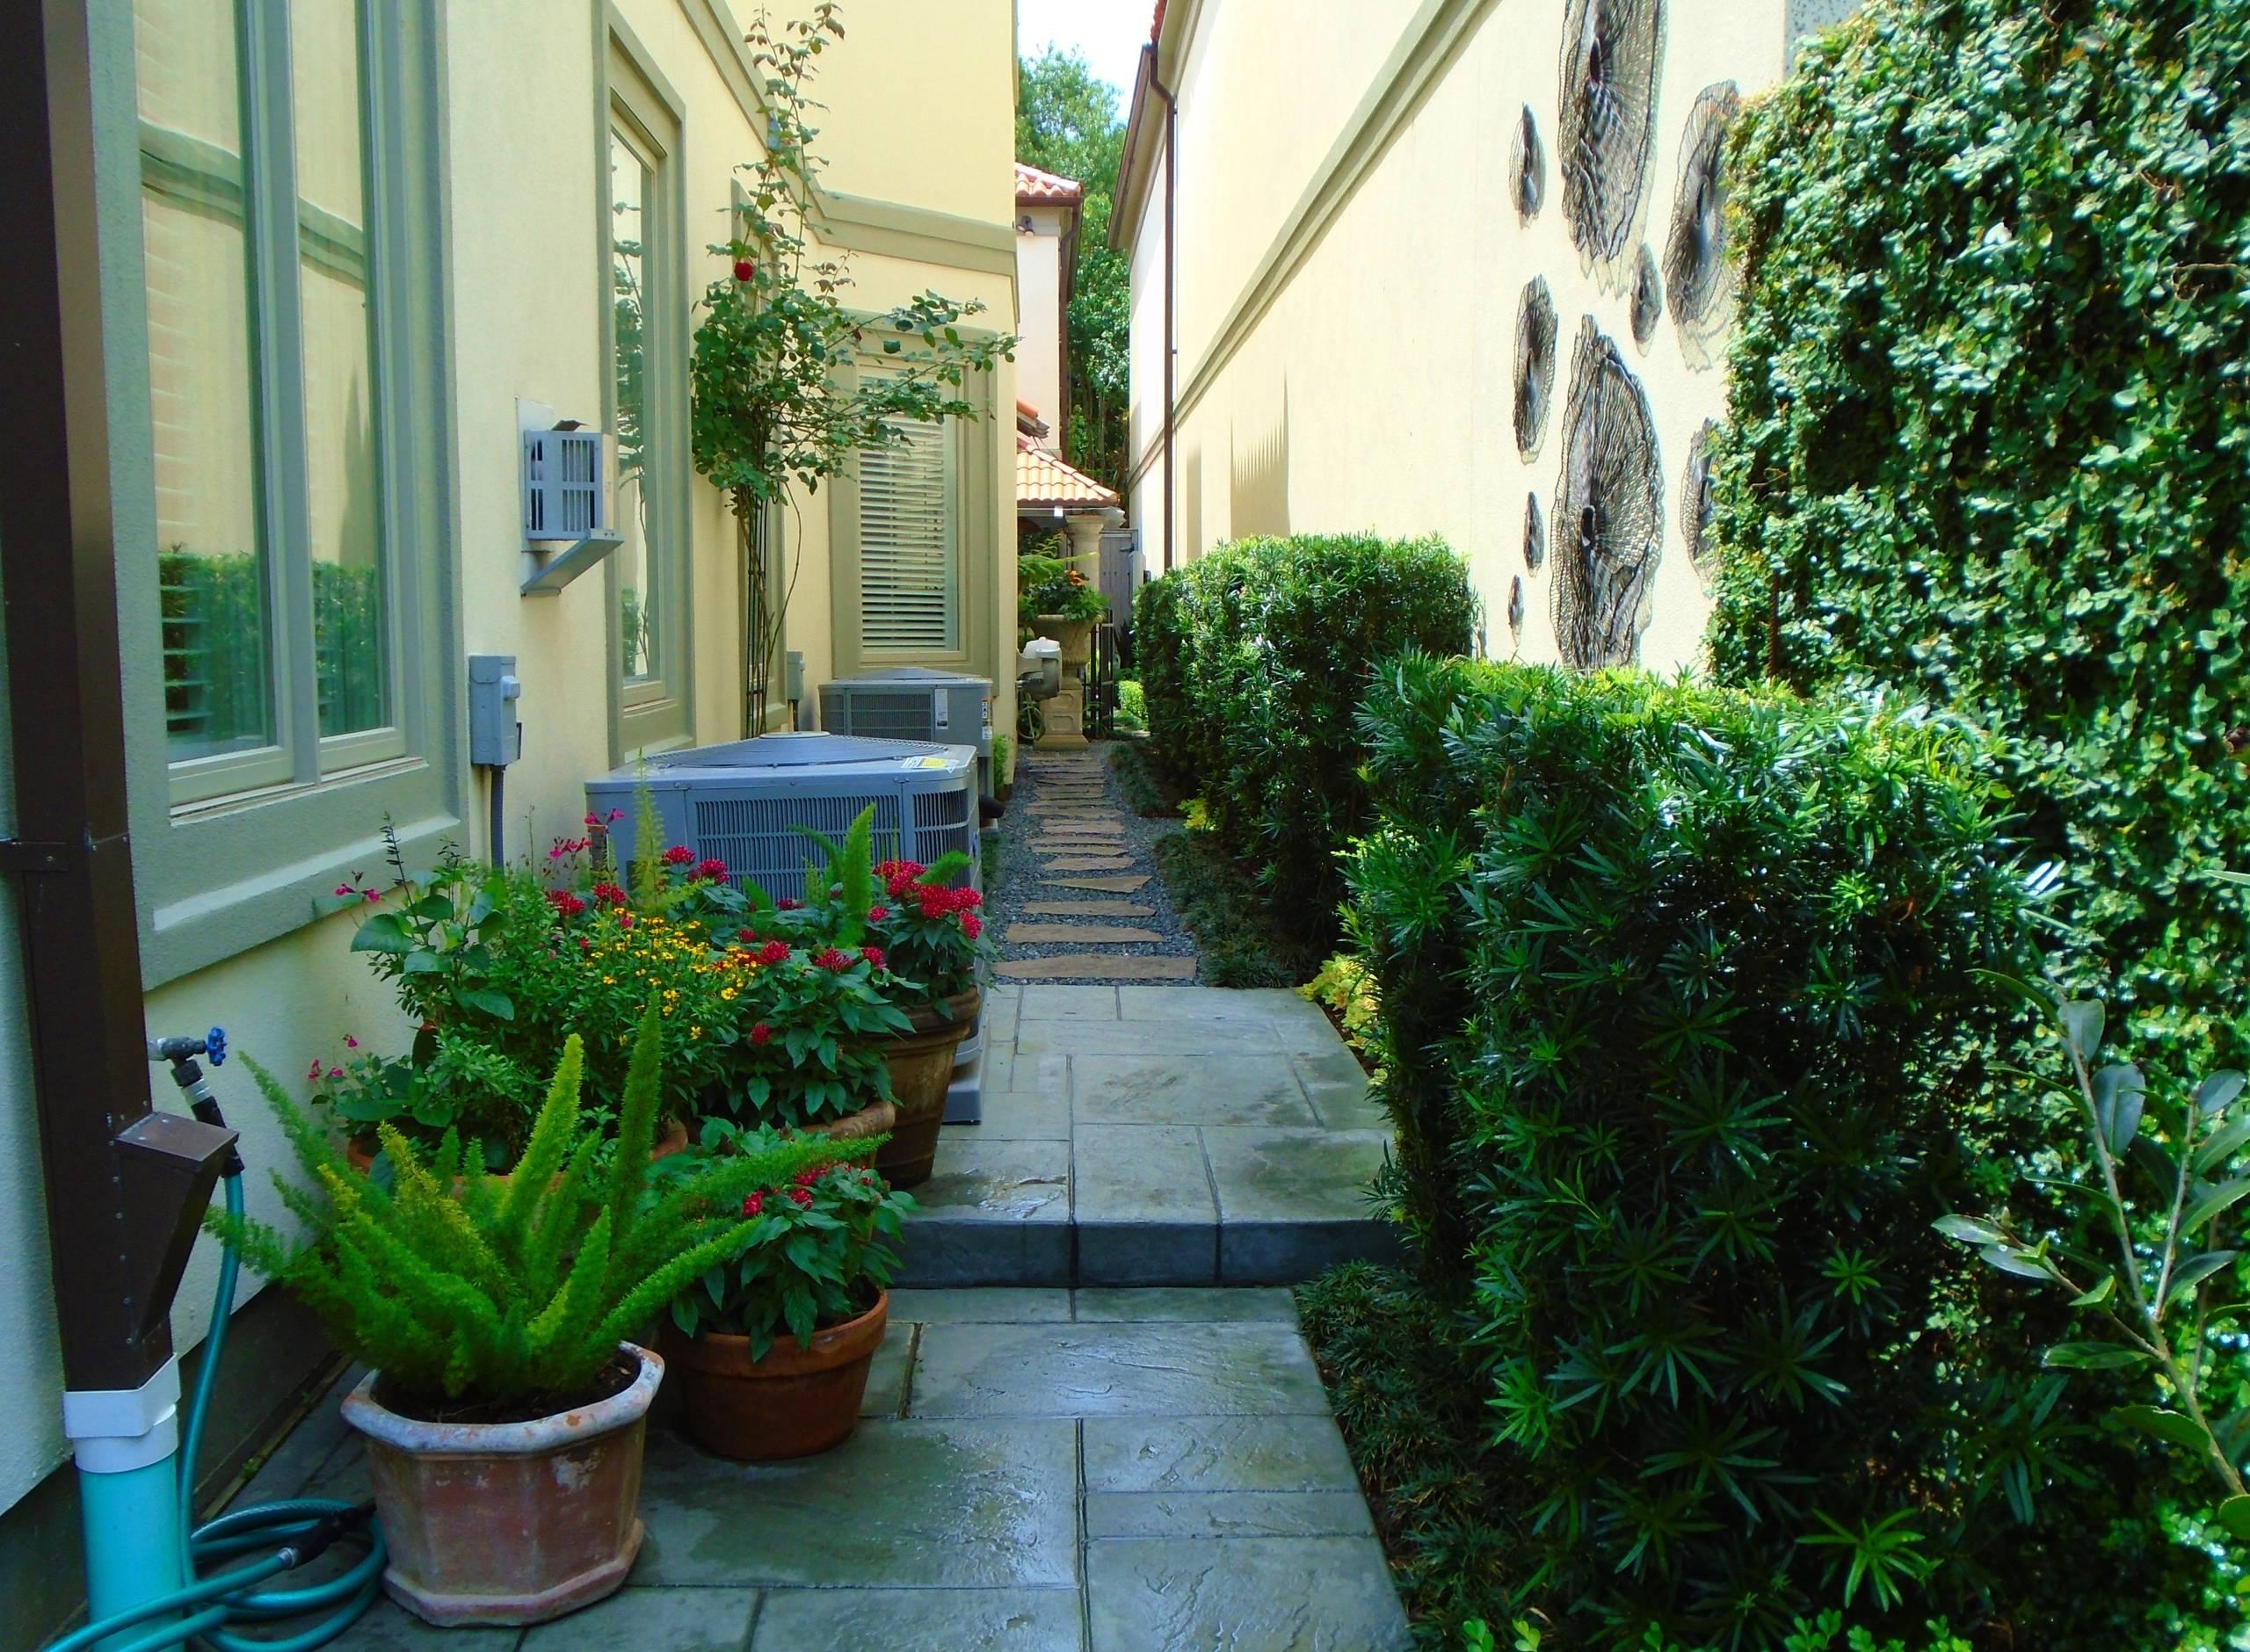 Outdoor Art Gallery, Garden and Living Space